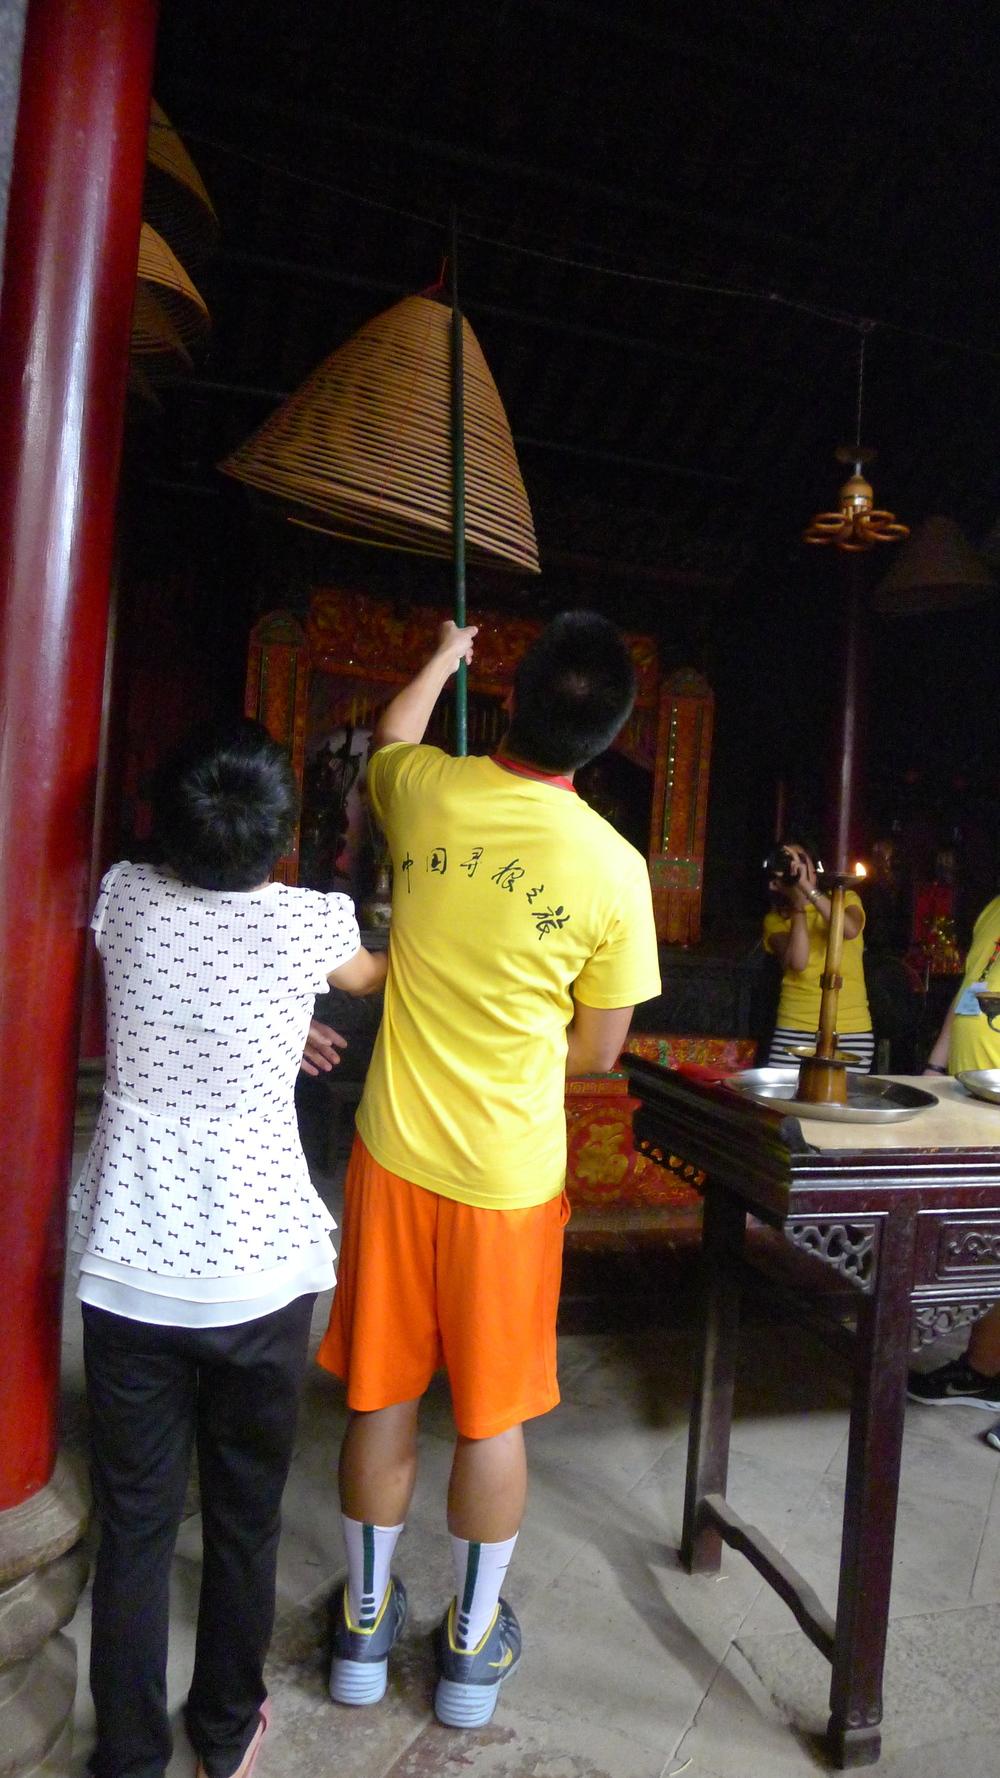 Hanging up a 30-day incense burner.